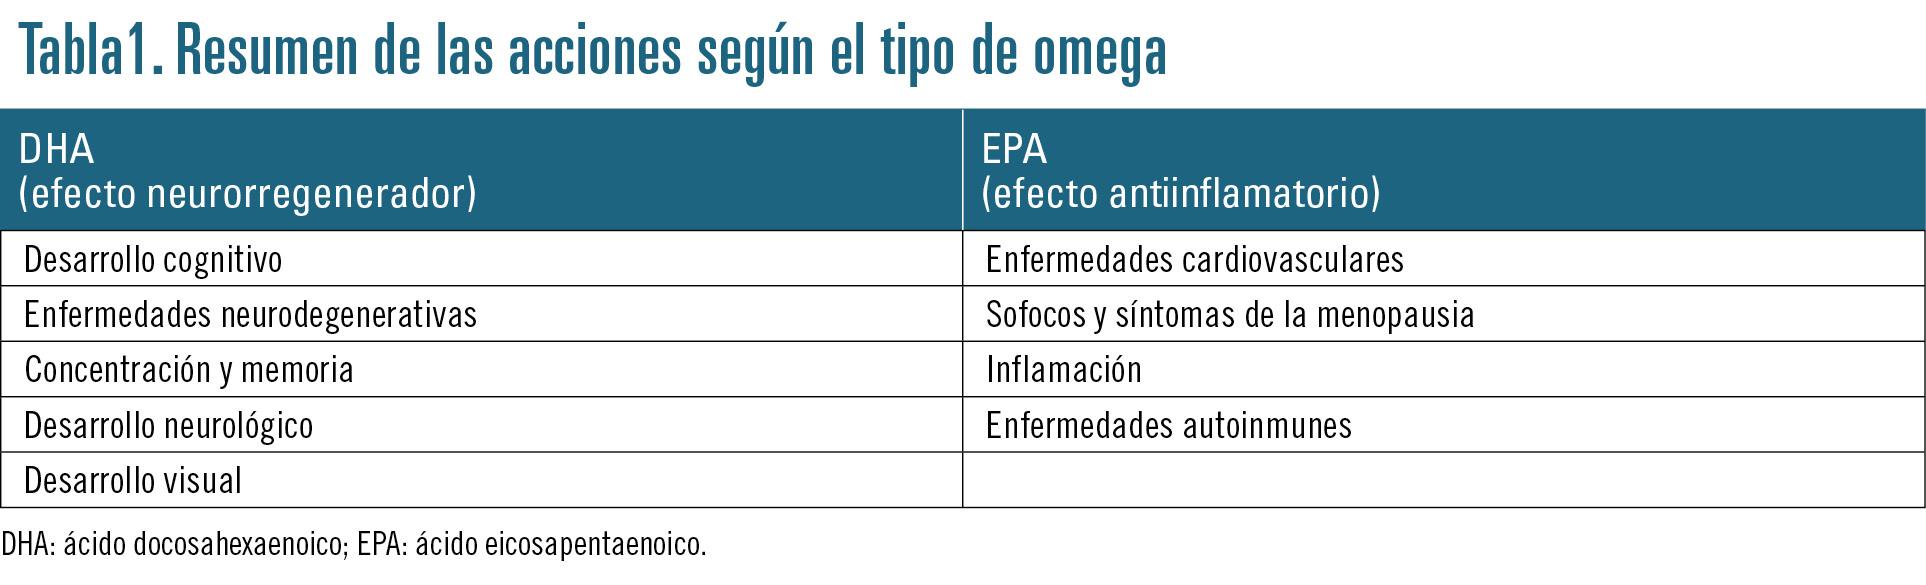 24 EF596 PROFESION beneficios de los acidos grasos tabla 1